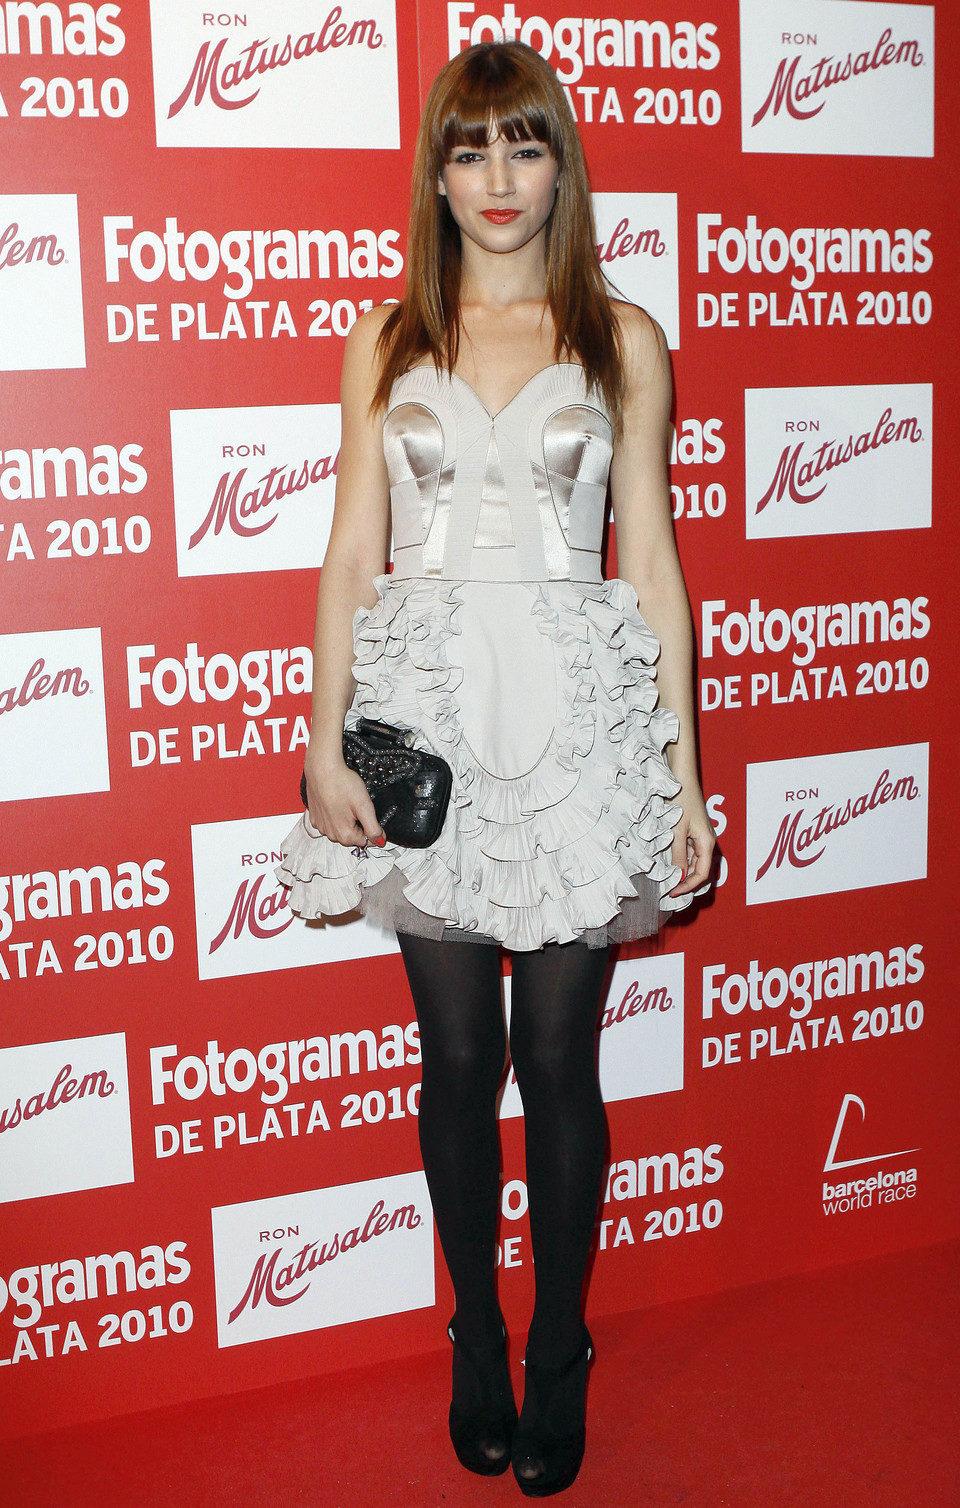 Úrsula Corberó en los Fotogramas 2010